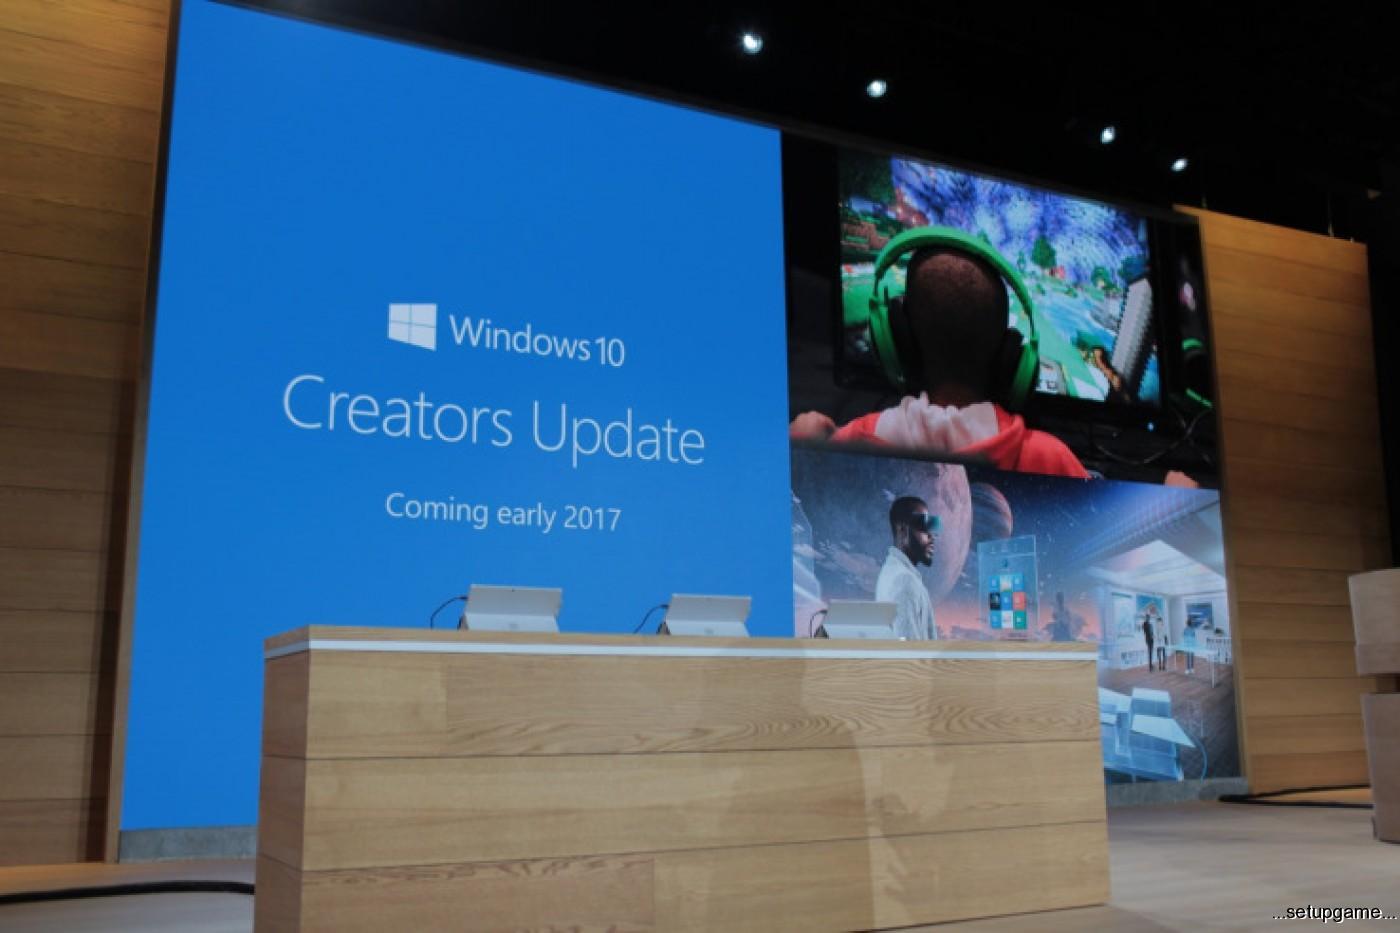 همه ویژگی های جدیدی که به آخرین نسخه ویندوز 10 اضافه شده اند